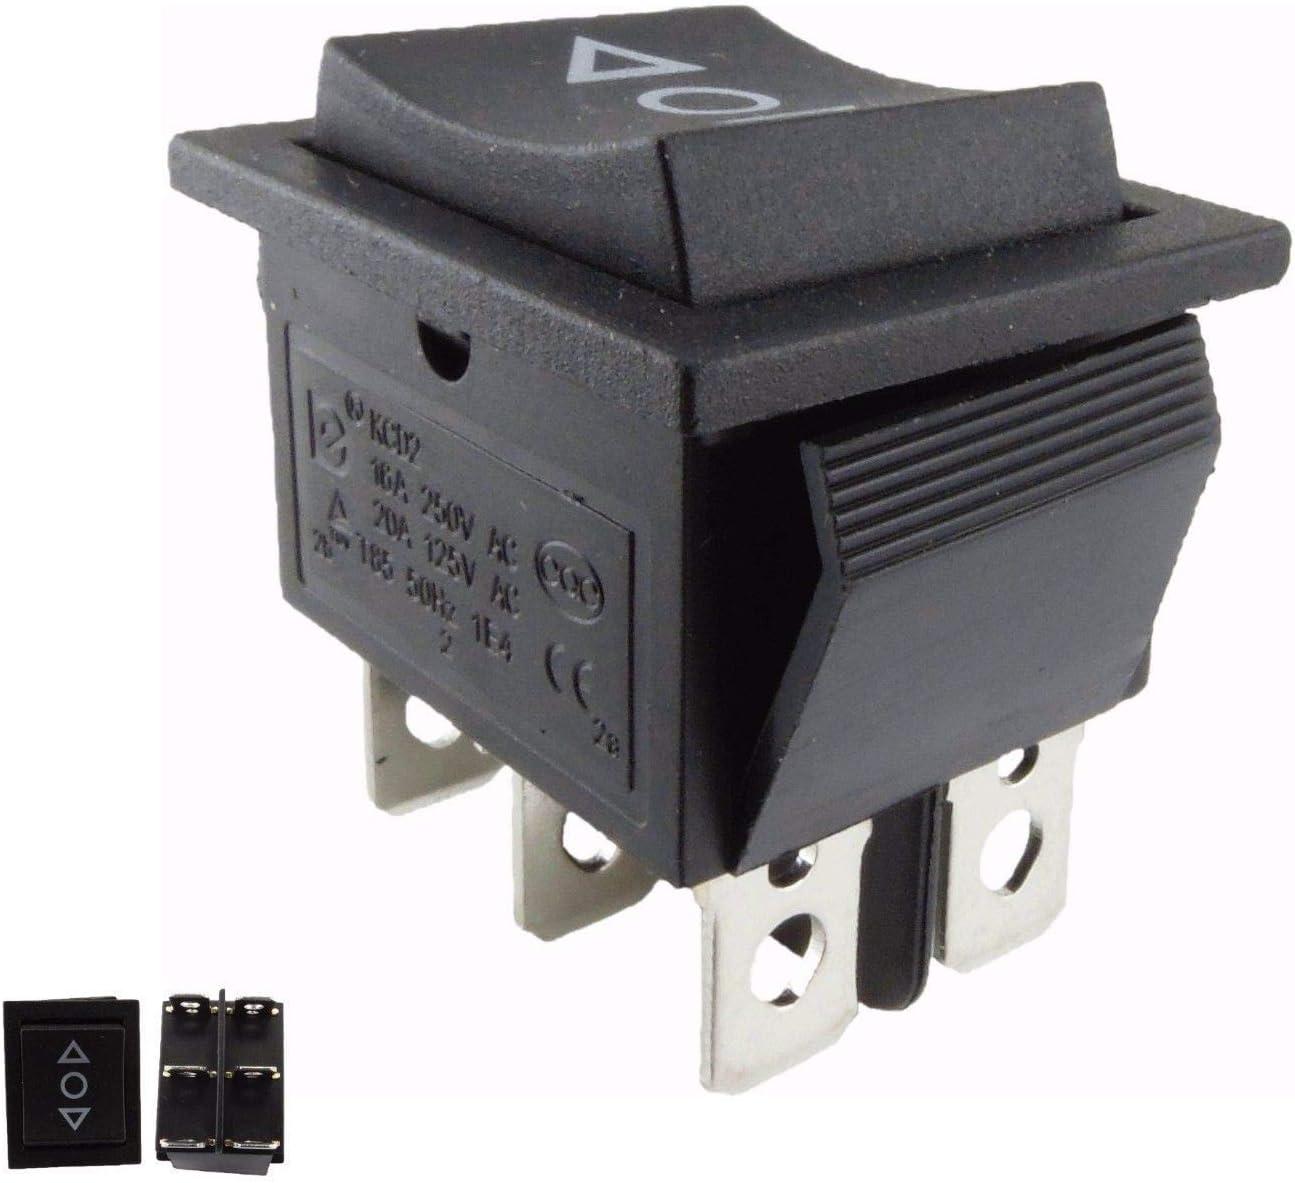 Wippentaster Wipptaster Wippschalter Taster On Off On Einbauöffnung Ca 28 5x21 5mm Schwarz Auch Als Ersatz Für Den Rasenmäher 1 Baumarkt